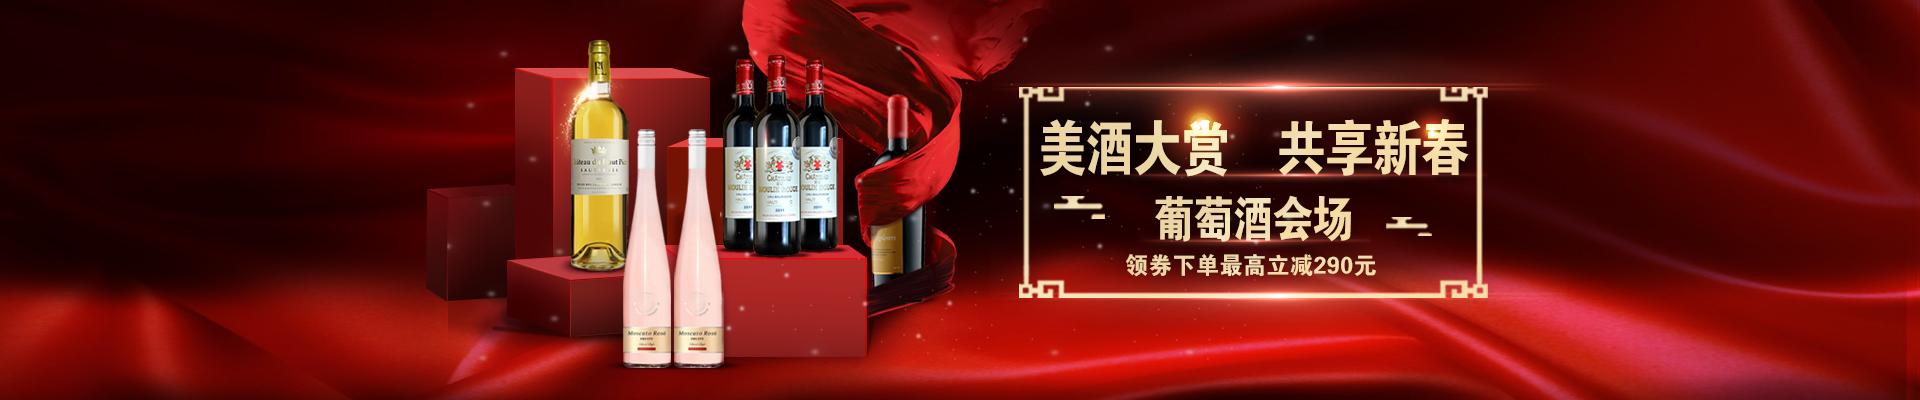 美酒大赏 共享新春,领券下单最高立减290元!